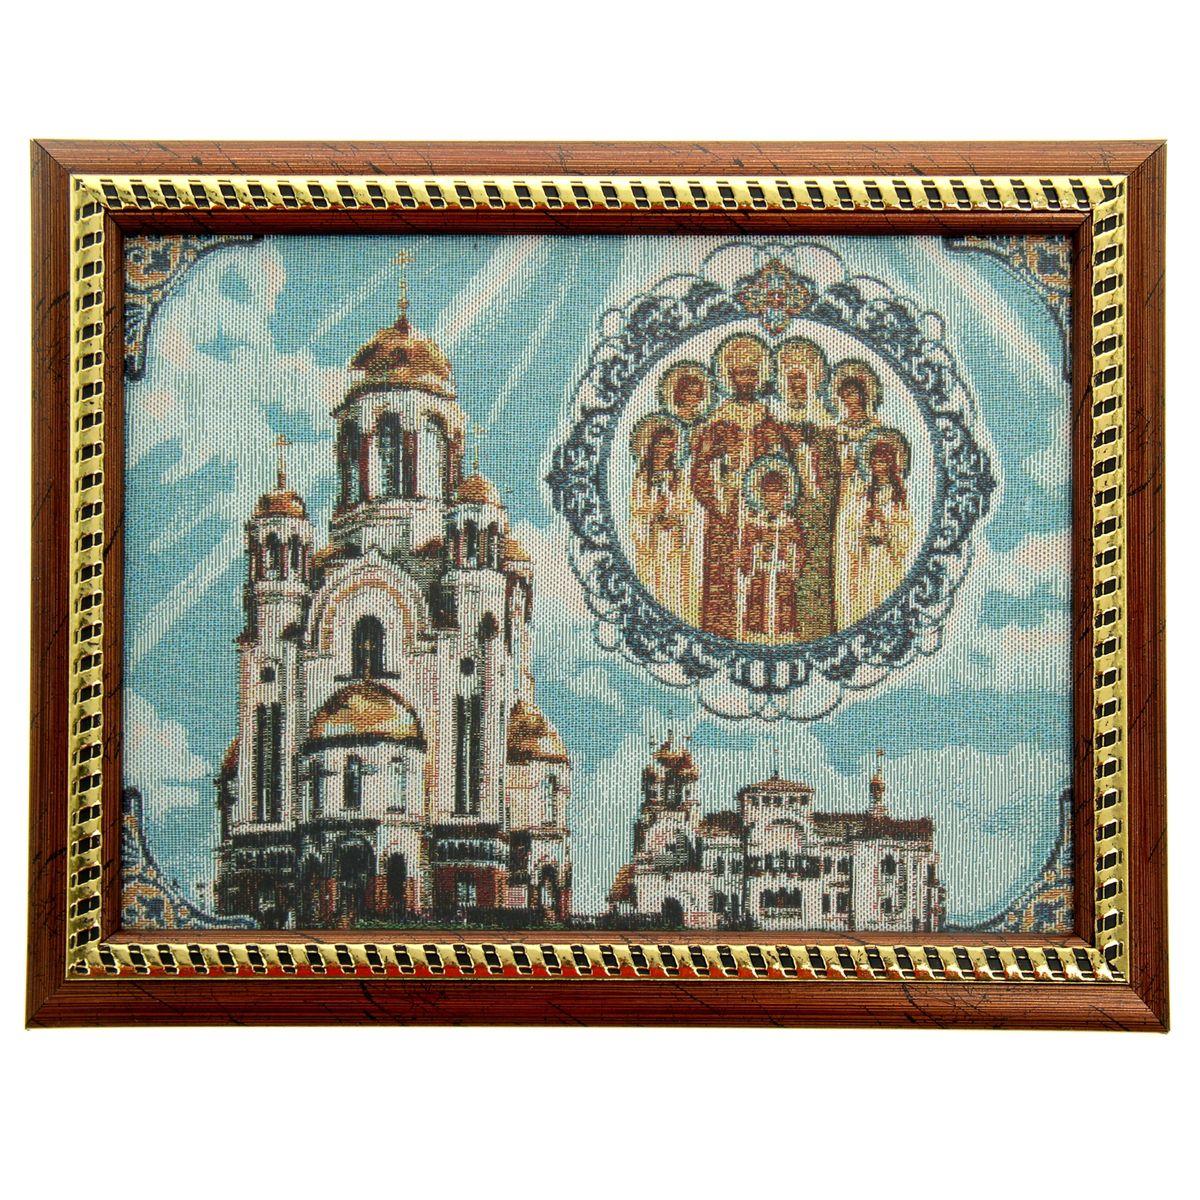 Икона в рамке Святые Царственные Страстотерпцы, 27,5 см х 21 см188555Икона Святые Царственные Страстотерпцы представляет собой святое изображение, вытканное на ткани и вставленное в деревянную рамку со стеклом. На обратной стороне иконы есть подставка, поэтому удобно располагать такую икону на столе. Икона полностью соответствует канонам Русской Православной Церкви. Икона выглядит по-настоящему богатой. Такая икона будет прекрасным подарком с духовной составляющей.